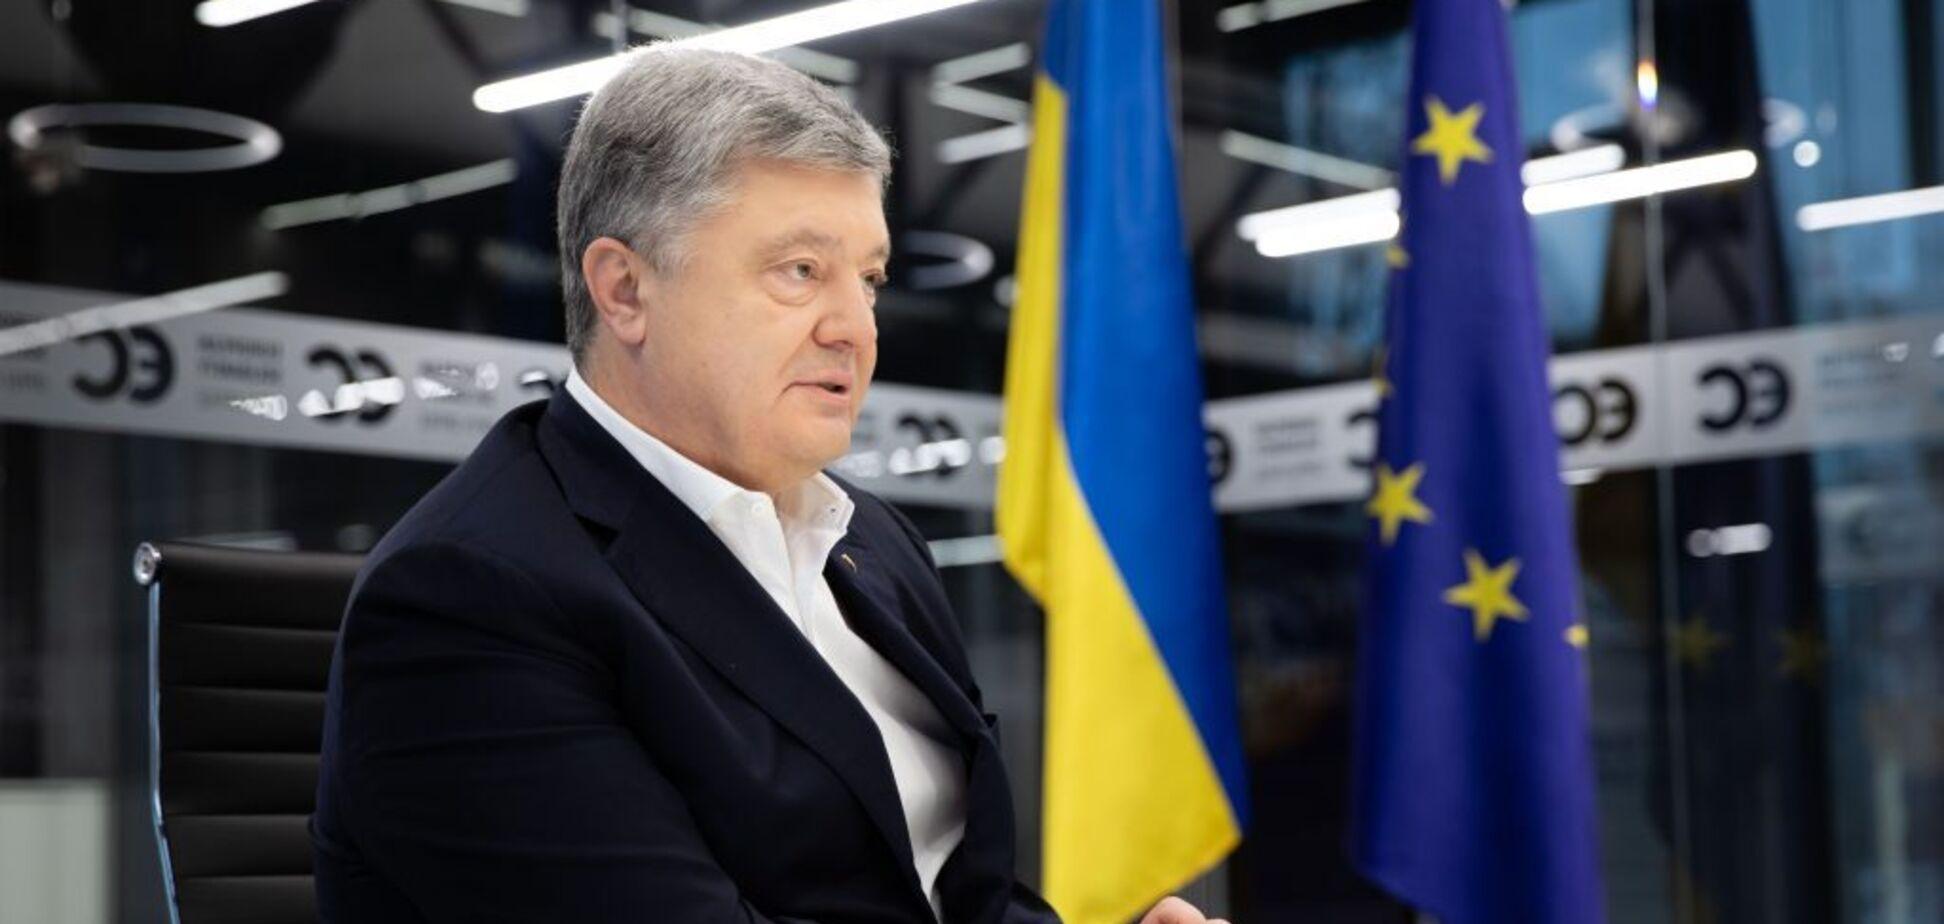 Петр Порошенко прокомментировал персональные российские санкции